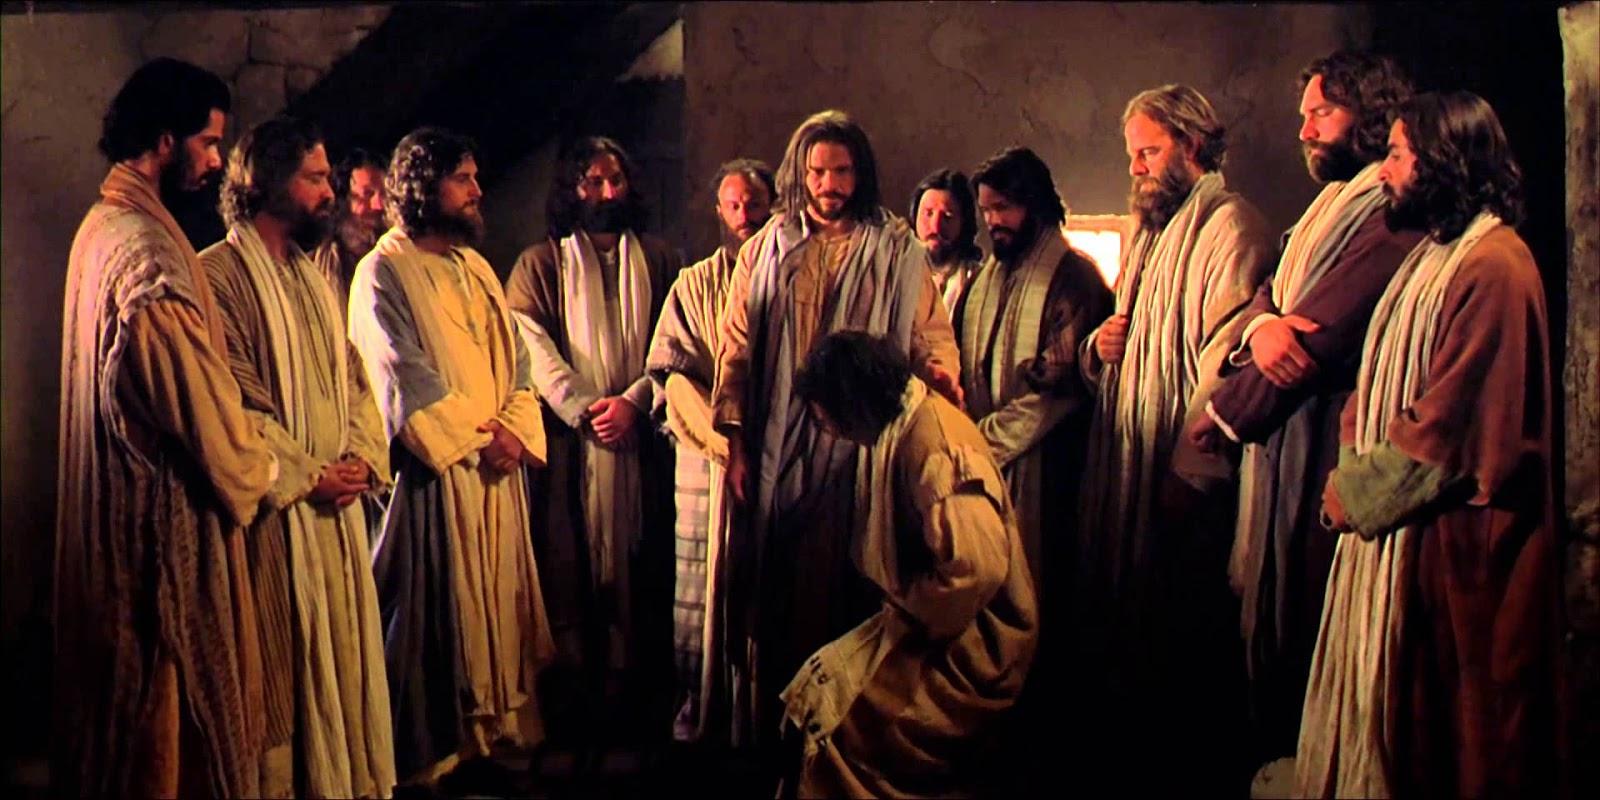 Jesus e os 12 apóstolos